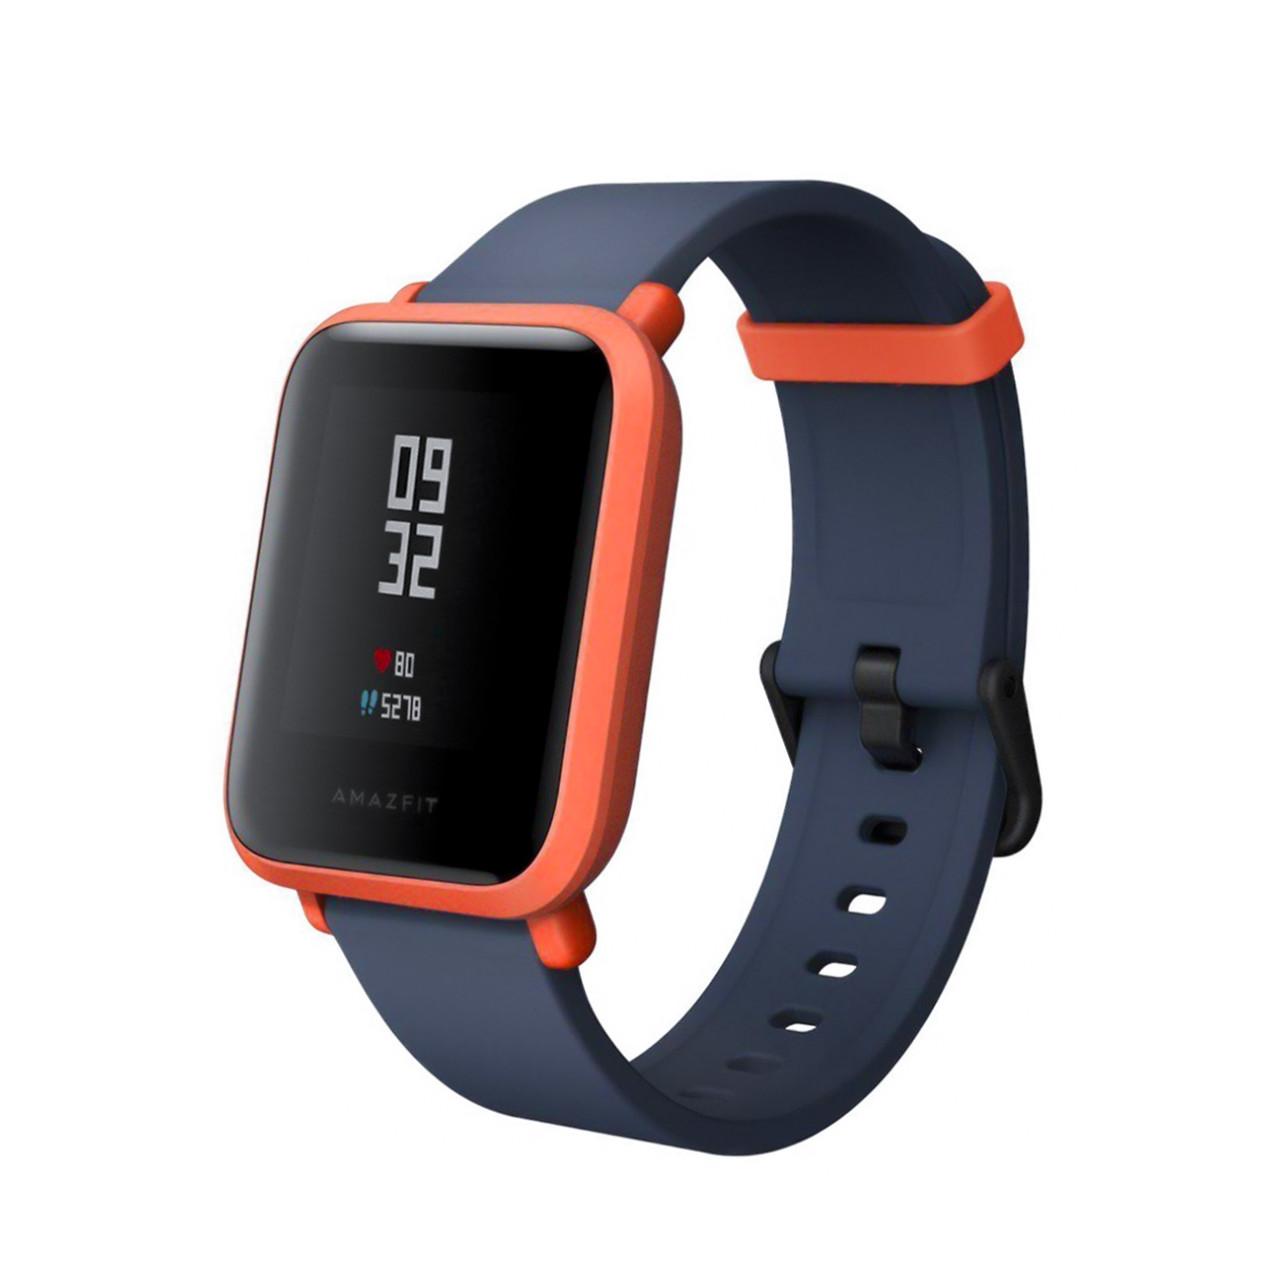 Смарт-часы Xiaomi Amazfit Bip Lite (Интернациональная версия) (A1608), Orange